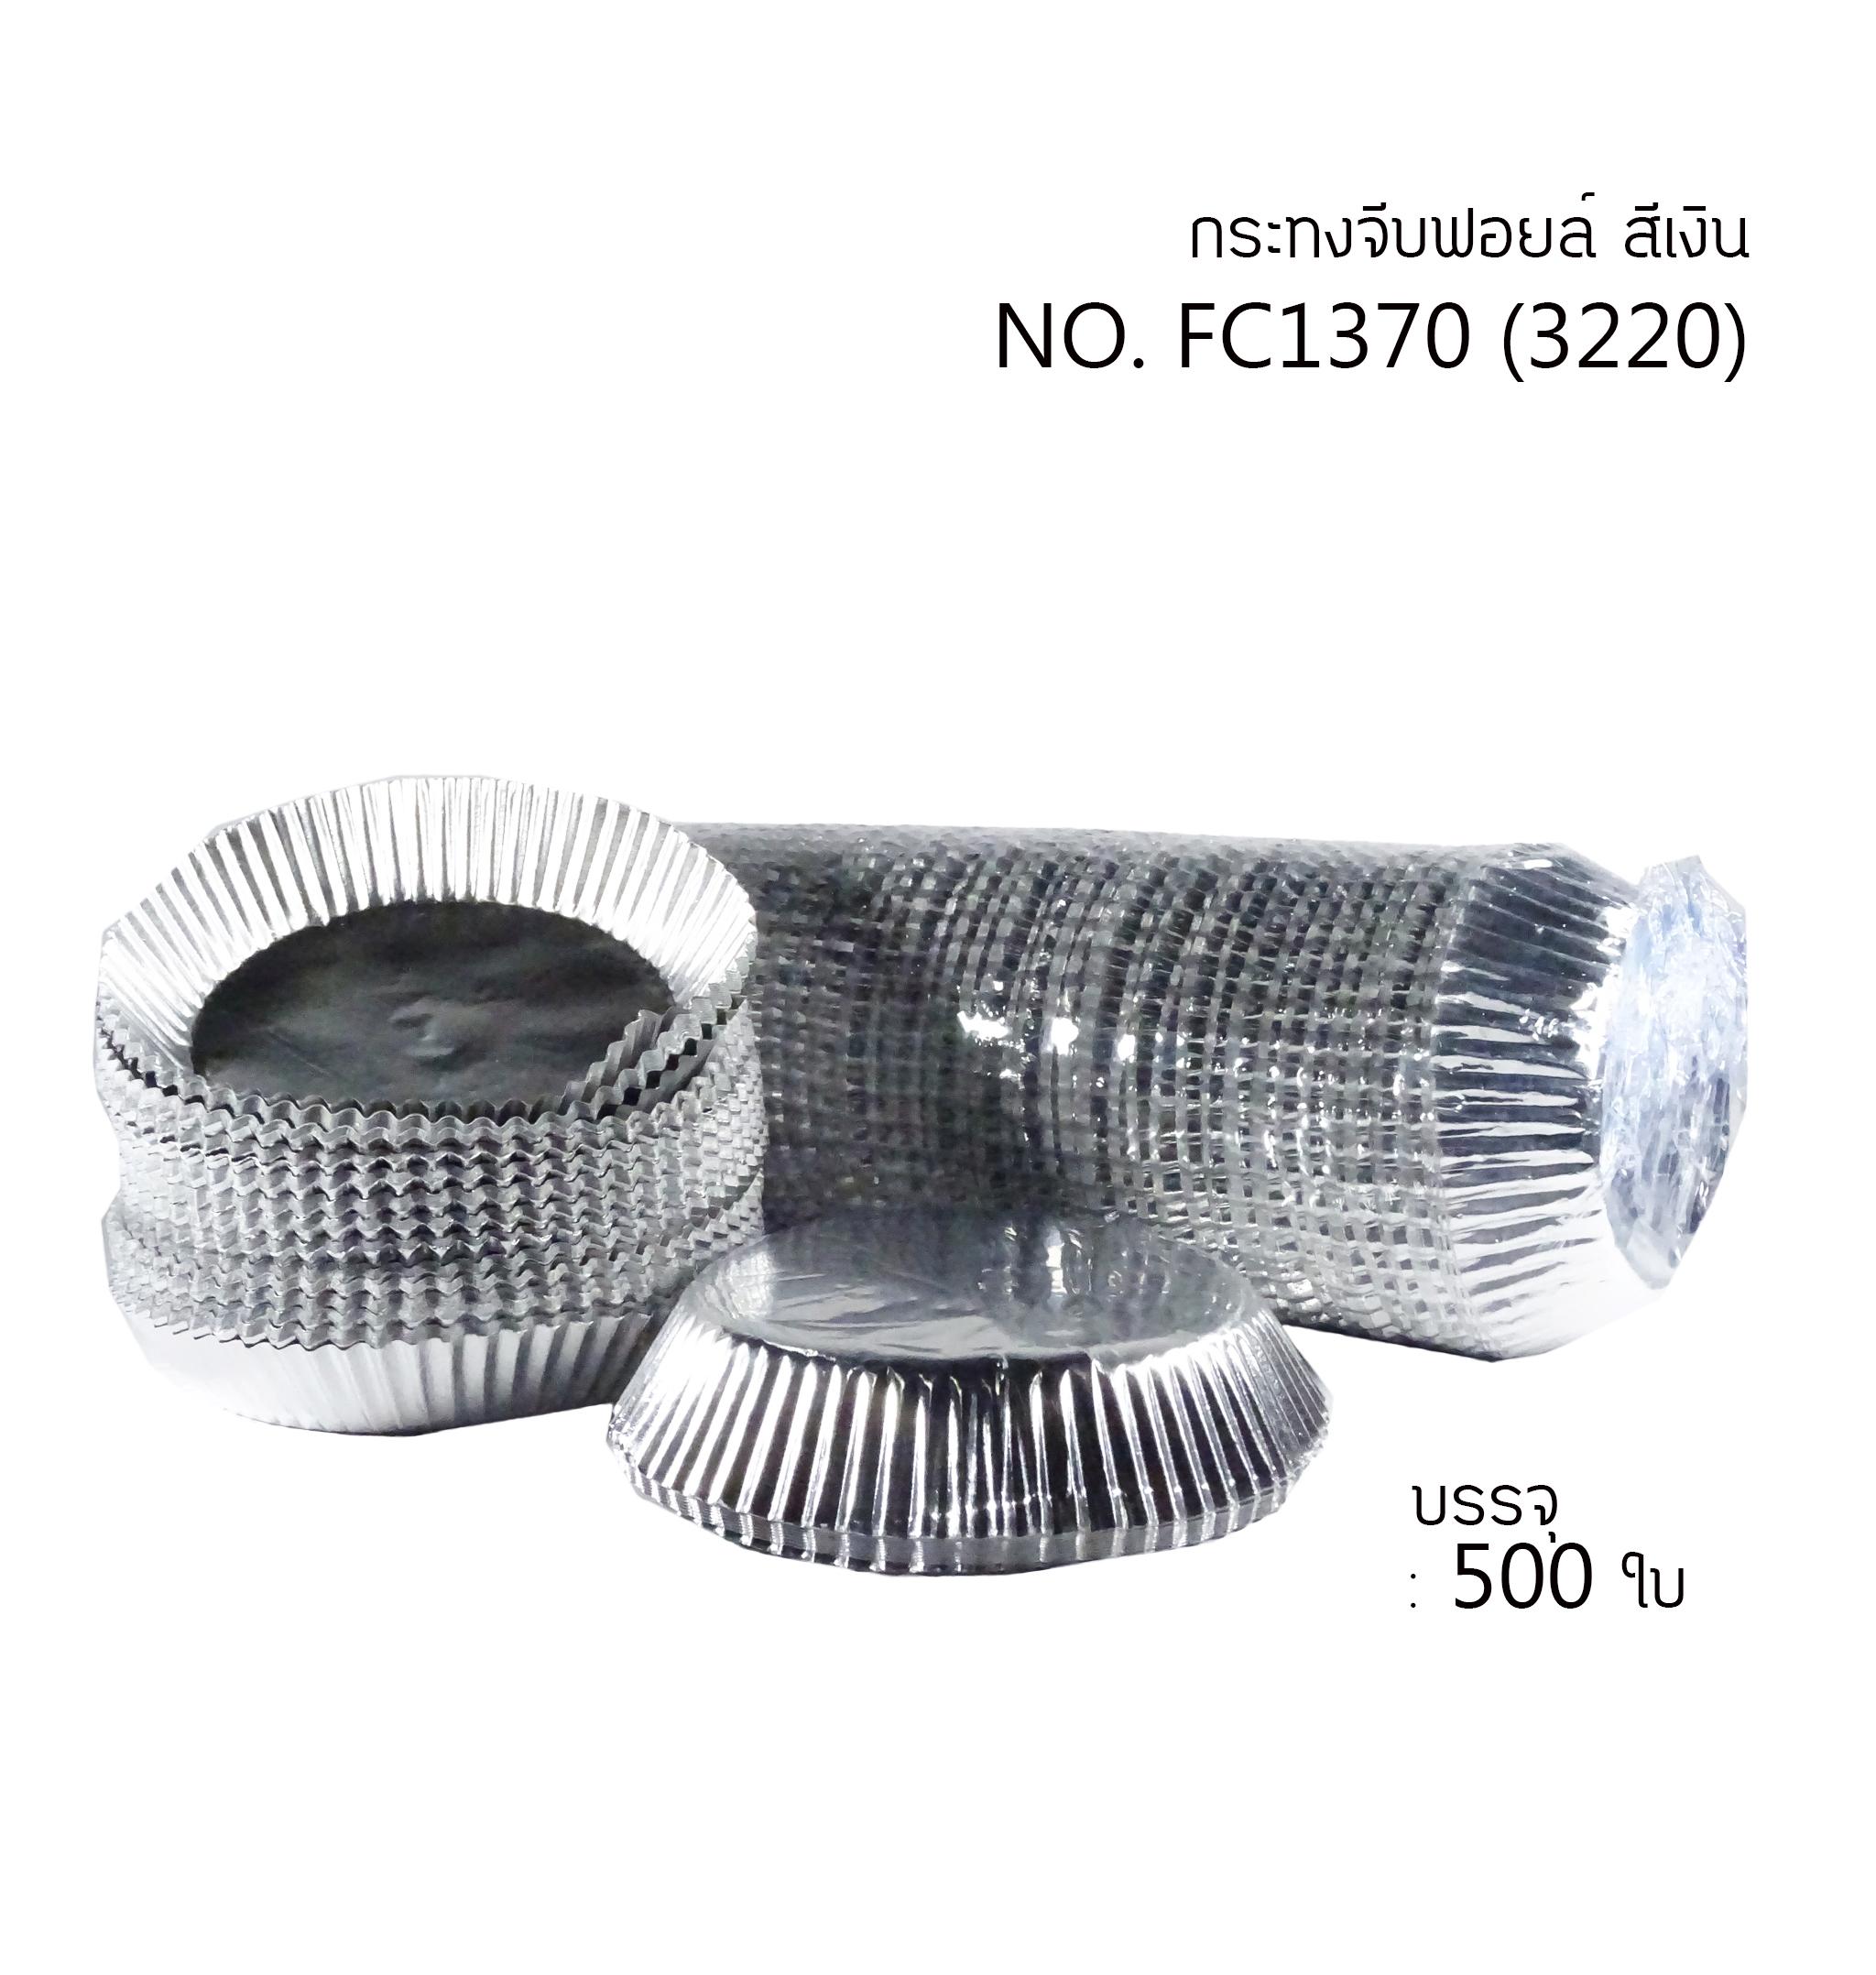 กระทงจีบฟอยล์ NO. FC1370 (3220) สีเงิน 500ใบ